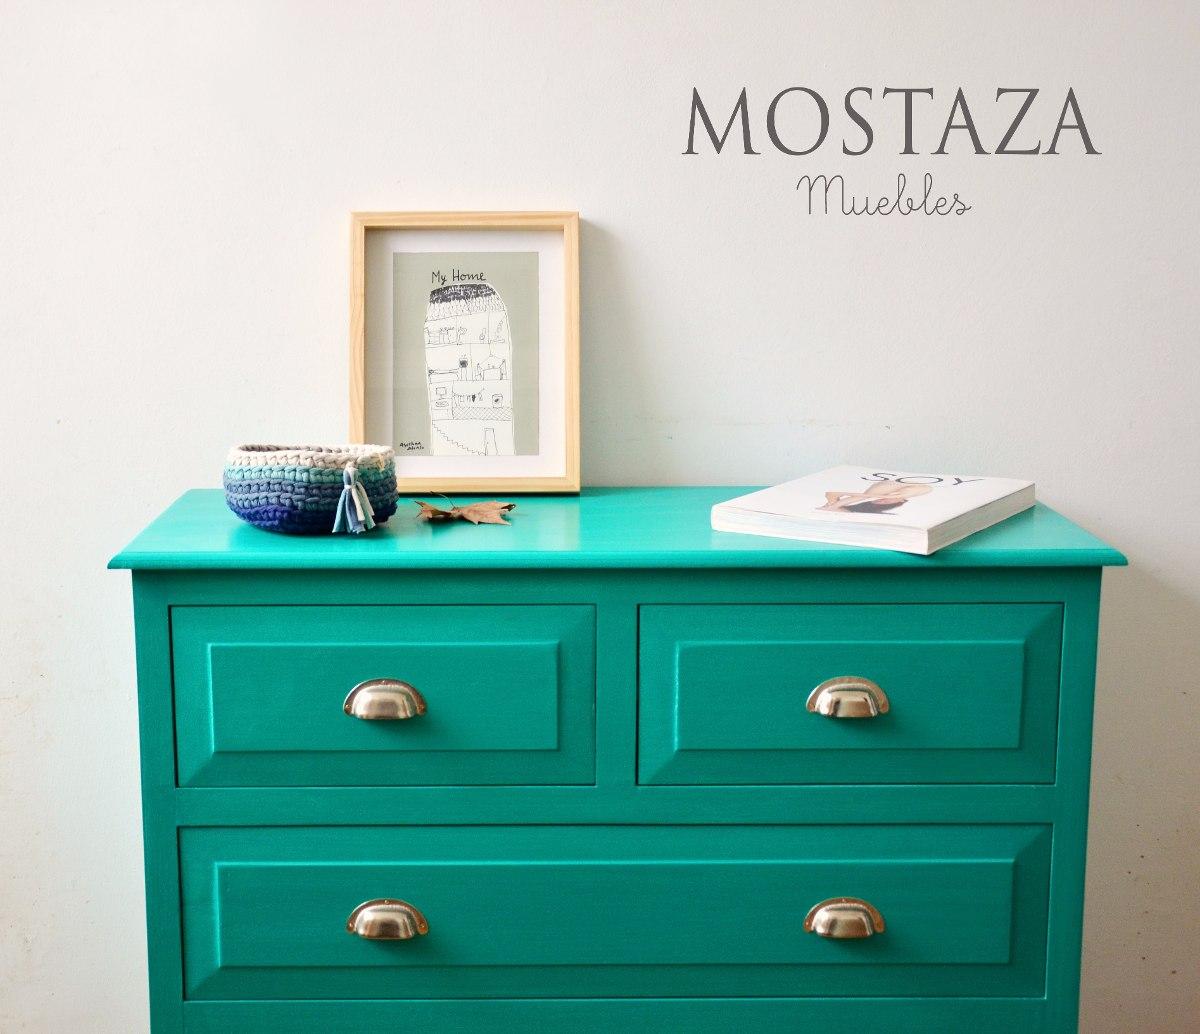 los mejores ejemplos sobre como pintar un mueble de madera de otro color, armarios viejos pintados en colores vibrantes